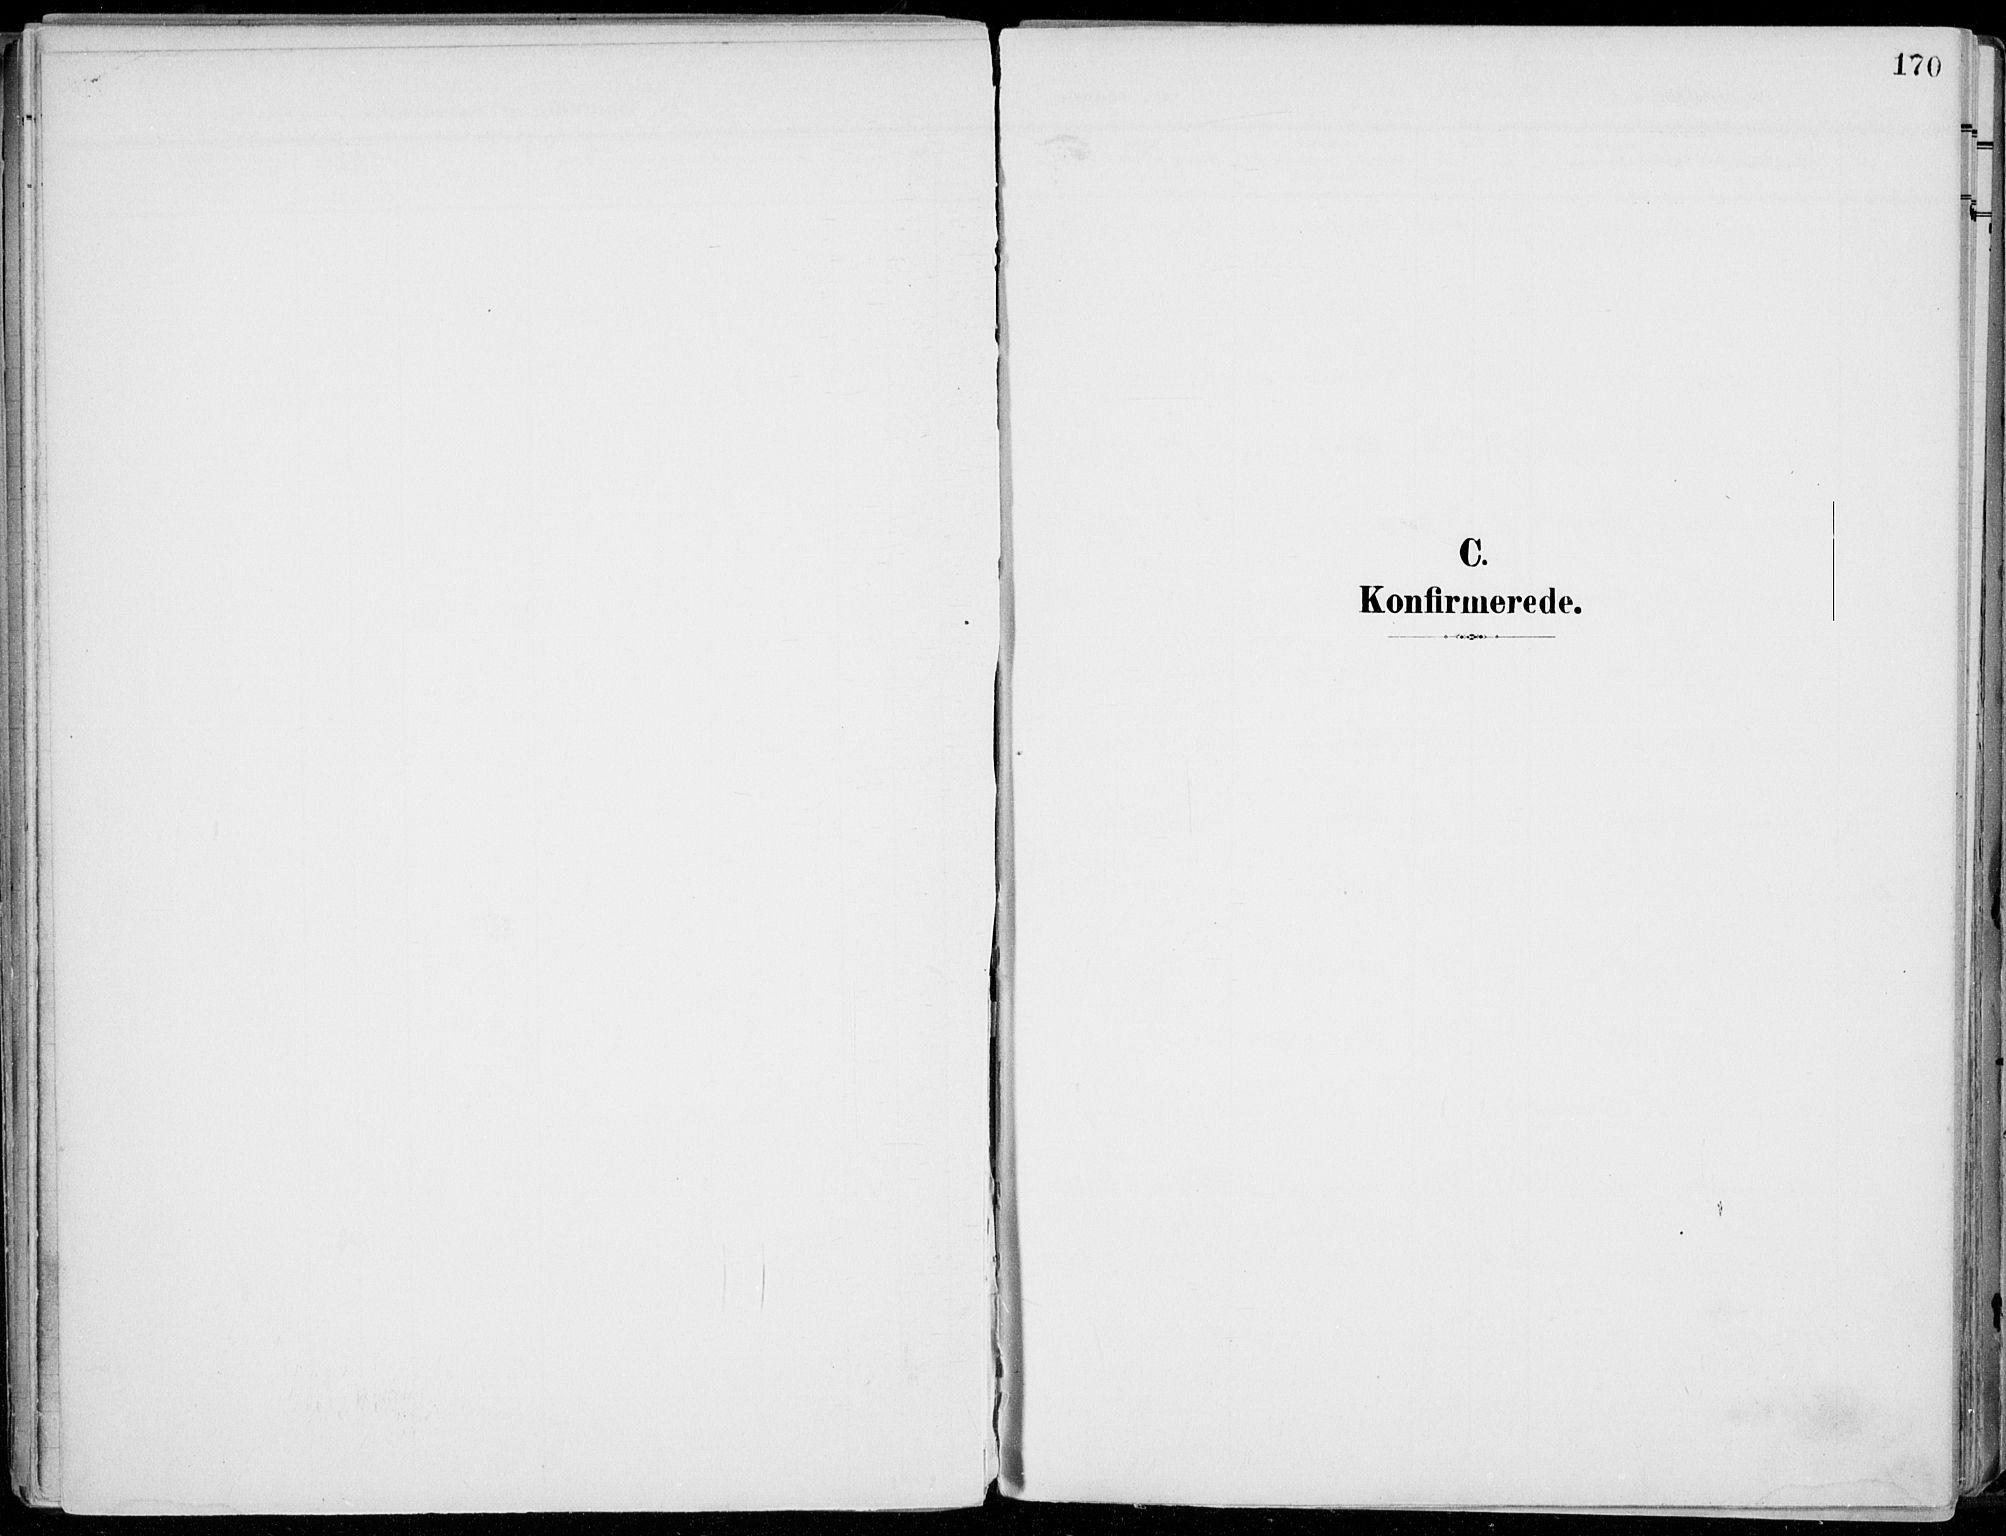 SAH, Lillehammer prestekontor, H/Ha/Haa/L0001: Parish register (official) no. 1, 1901-1916, p. 170